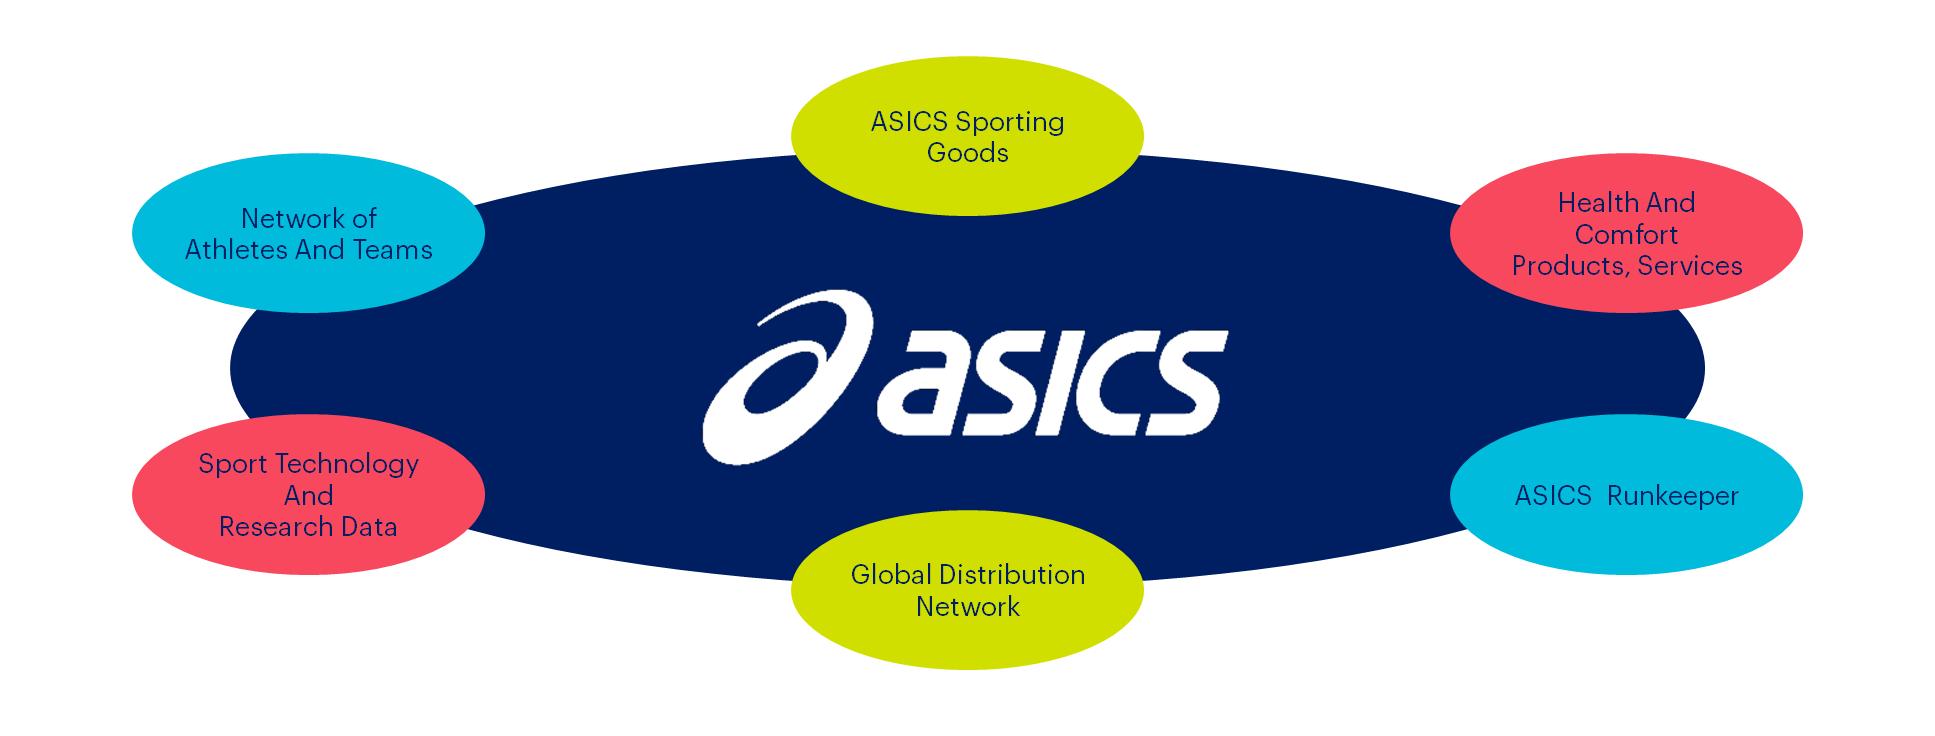 ASICS Ventures